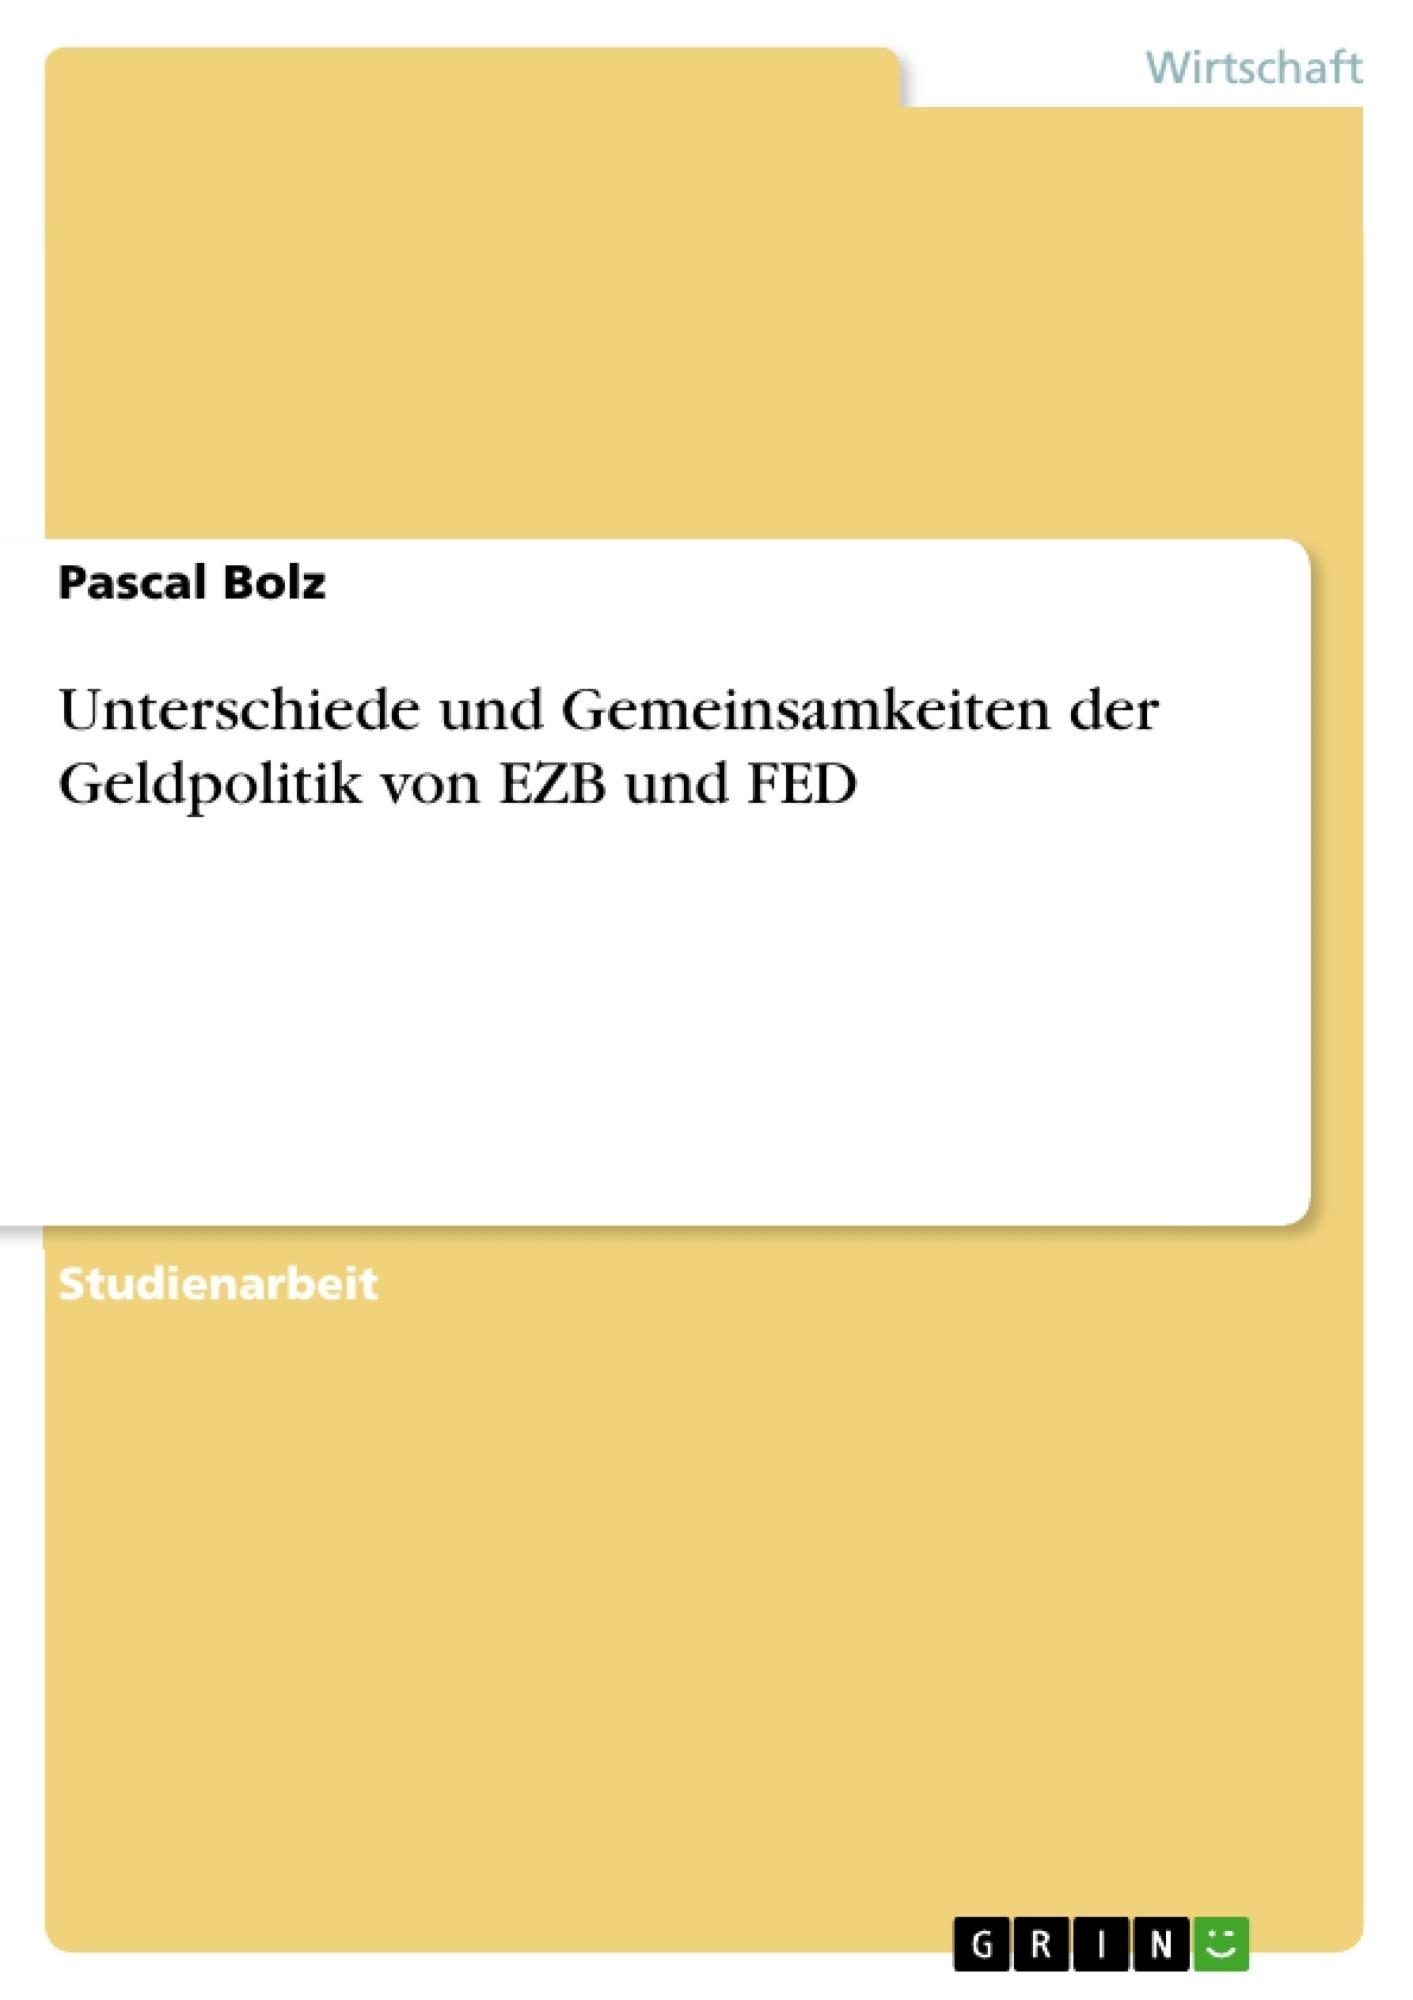 Titel: Unterschiede und Gemeinsamkeiten der Geldpolitik von EZB und FED